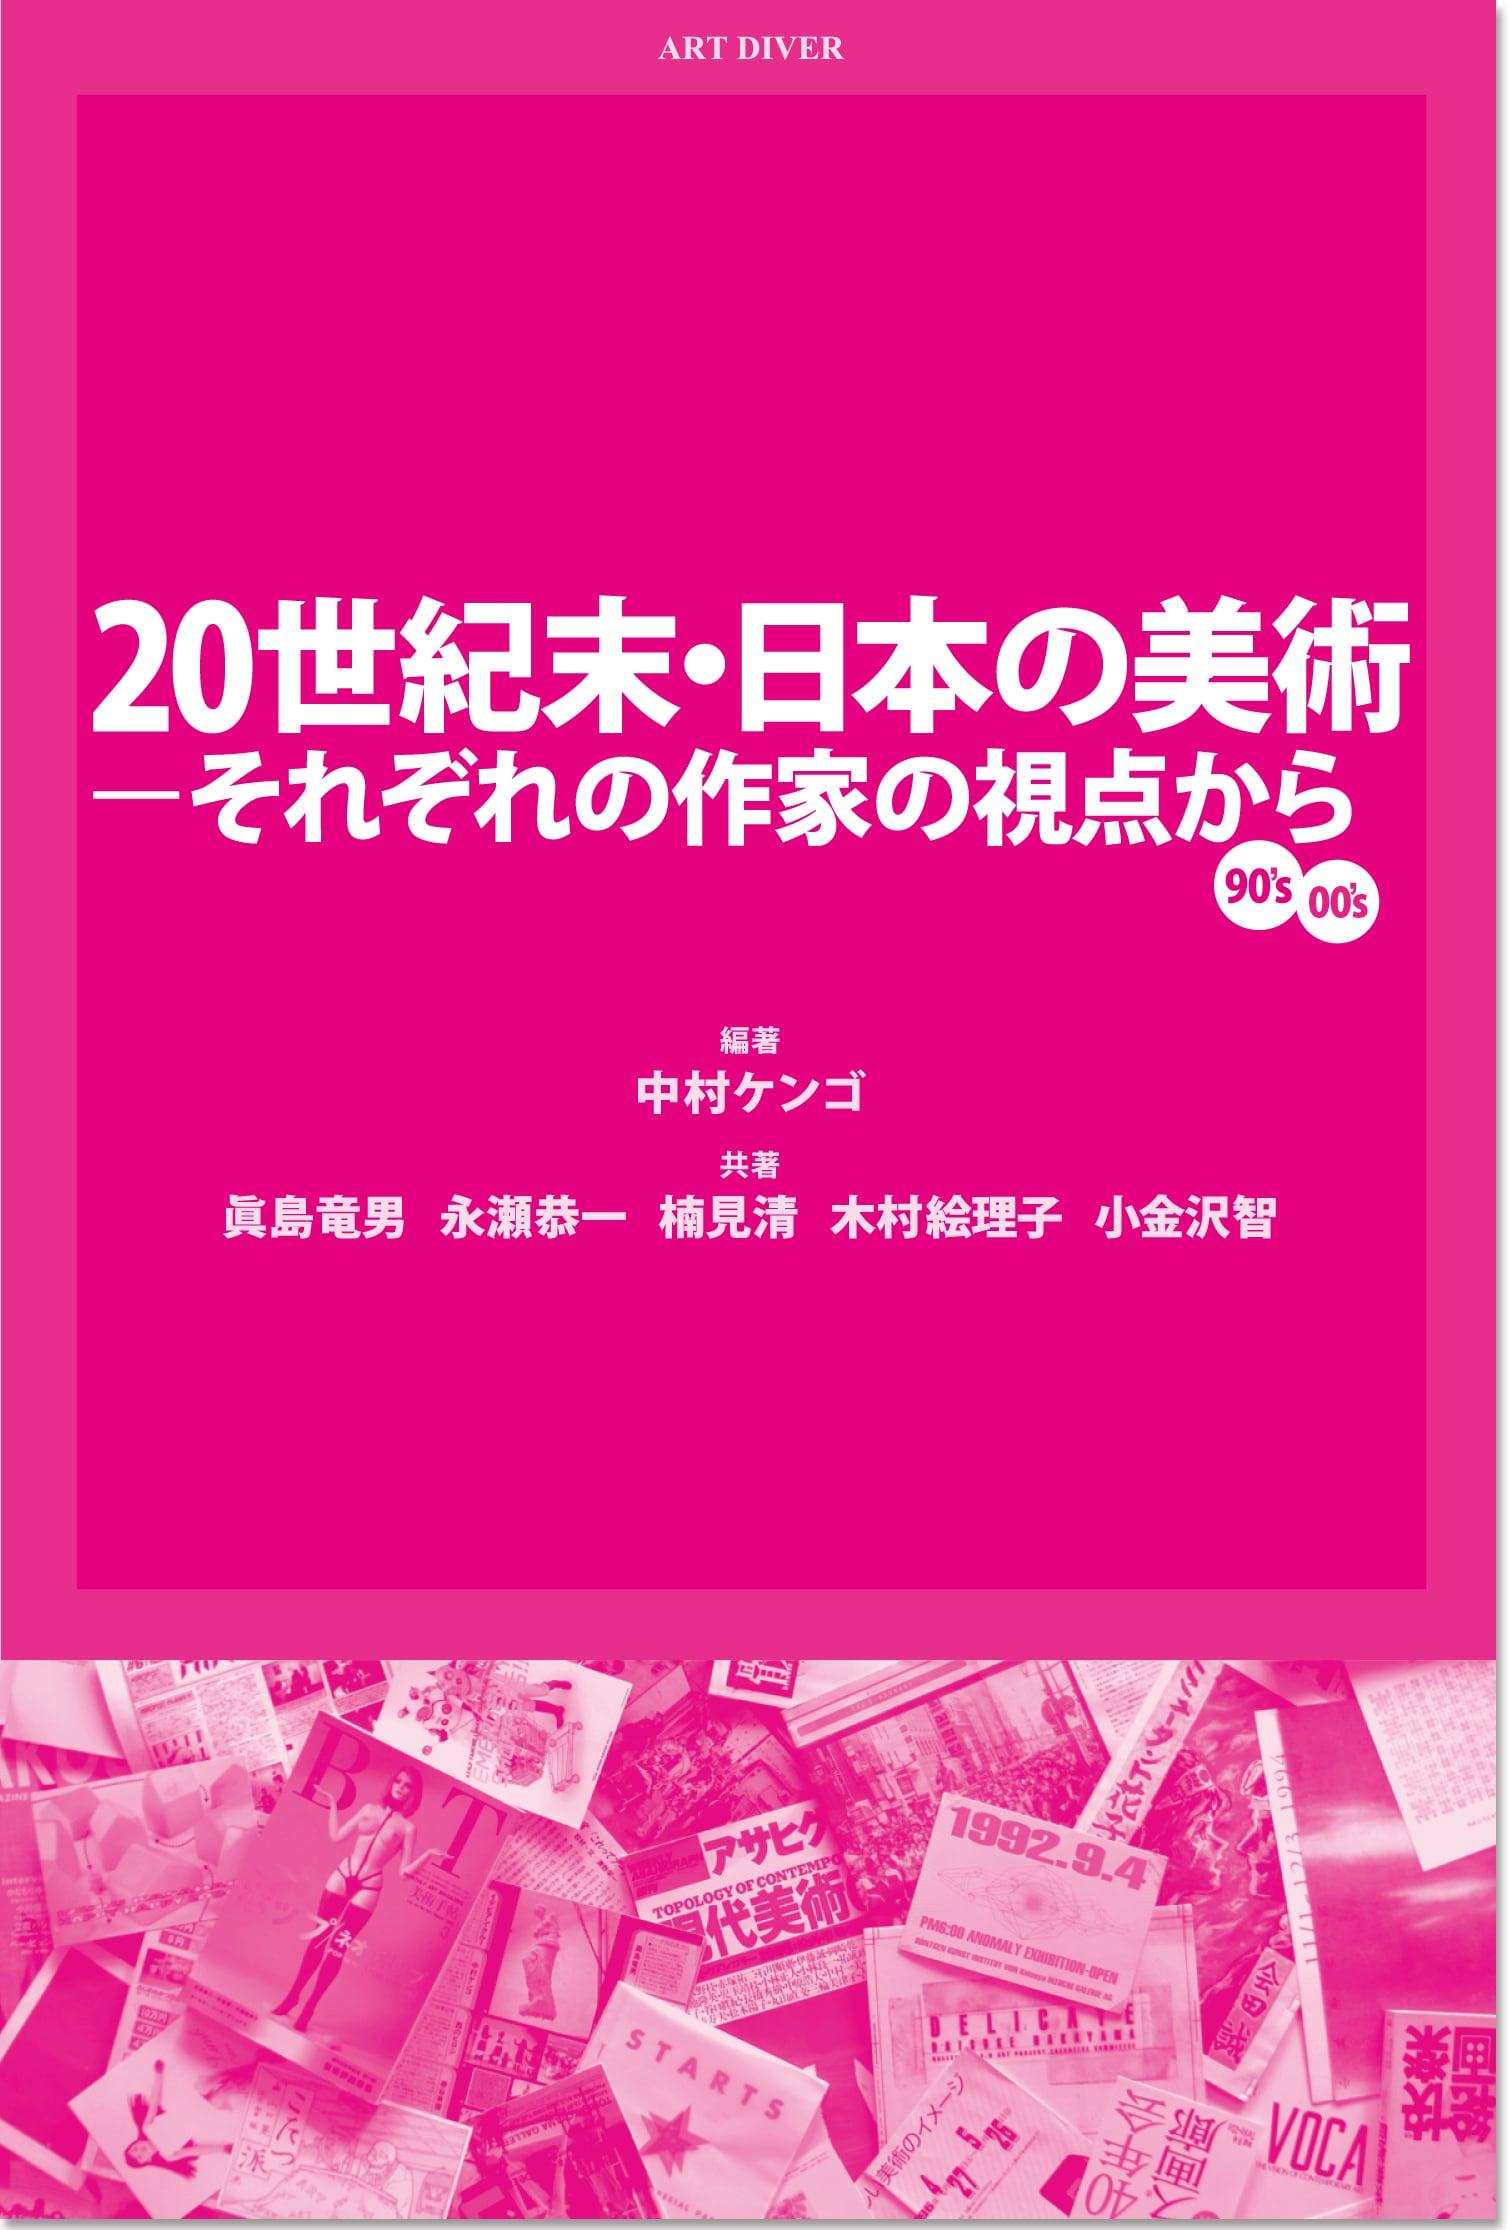 20世紀末・日本の美術ーそれぞれの作家の視点から